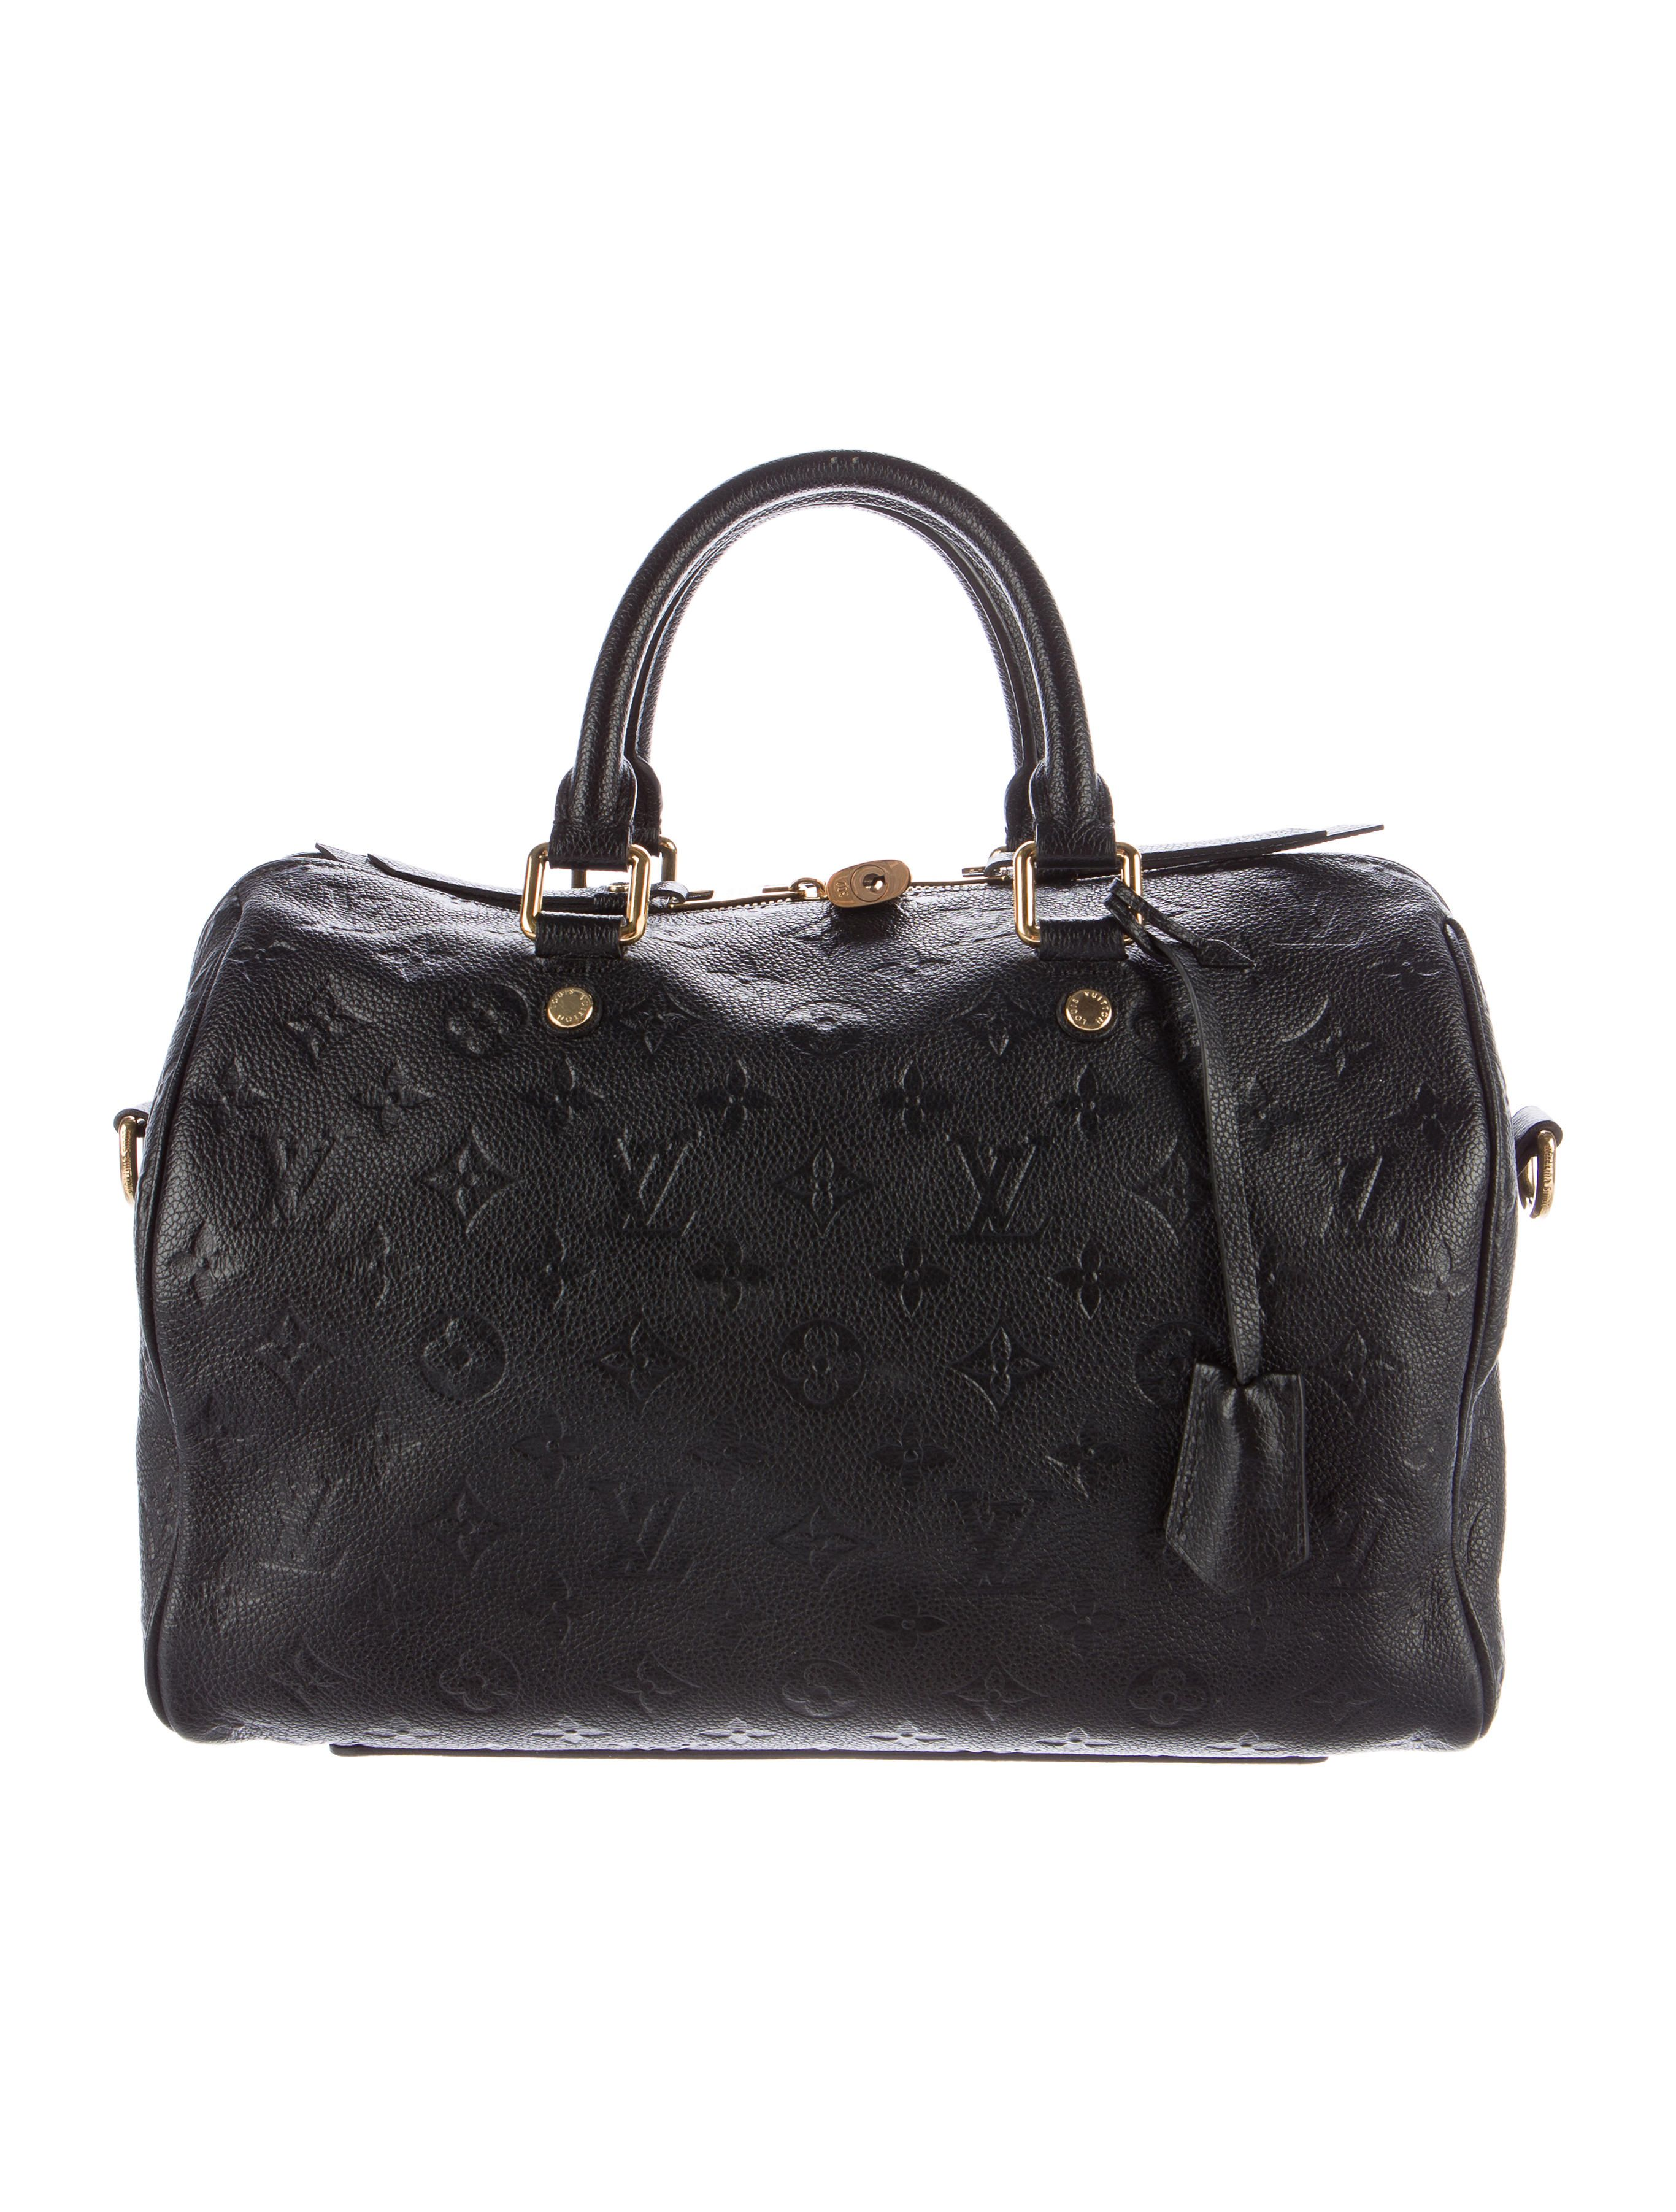 4e06d337091d Black monogram Empreinte leather Louis Vuitton Speedy Bandoulière 30 with  brass hardware